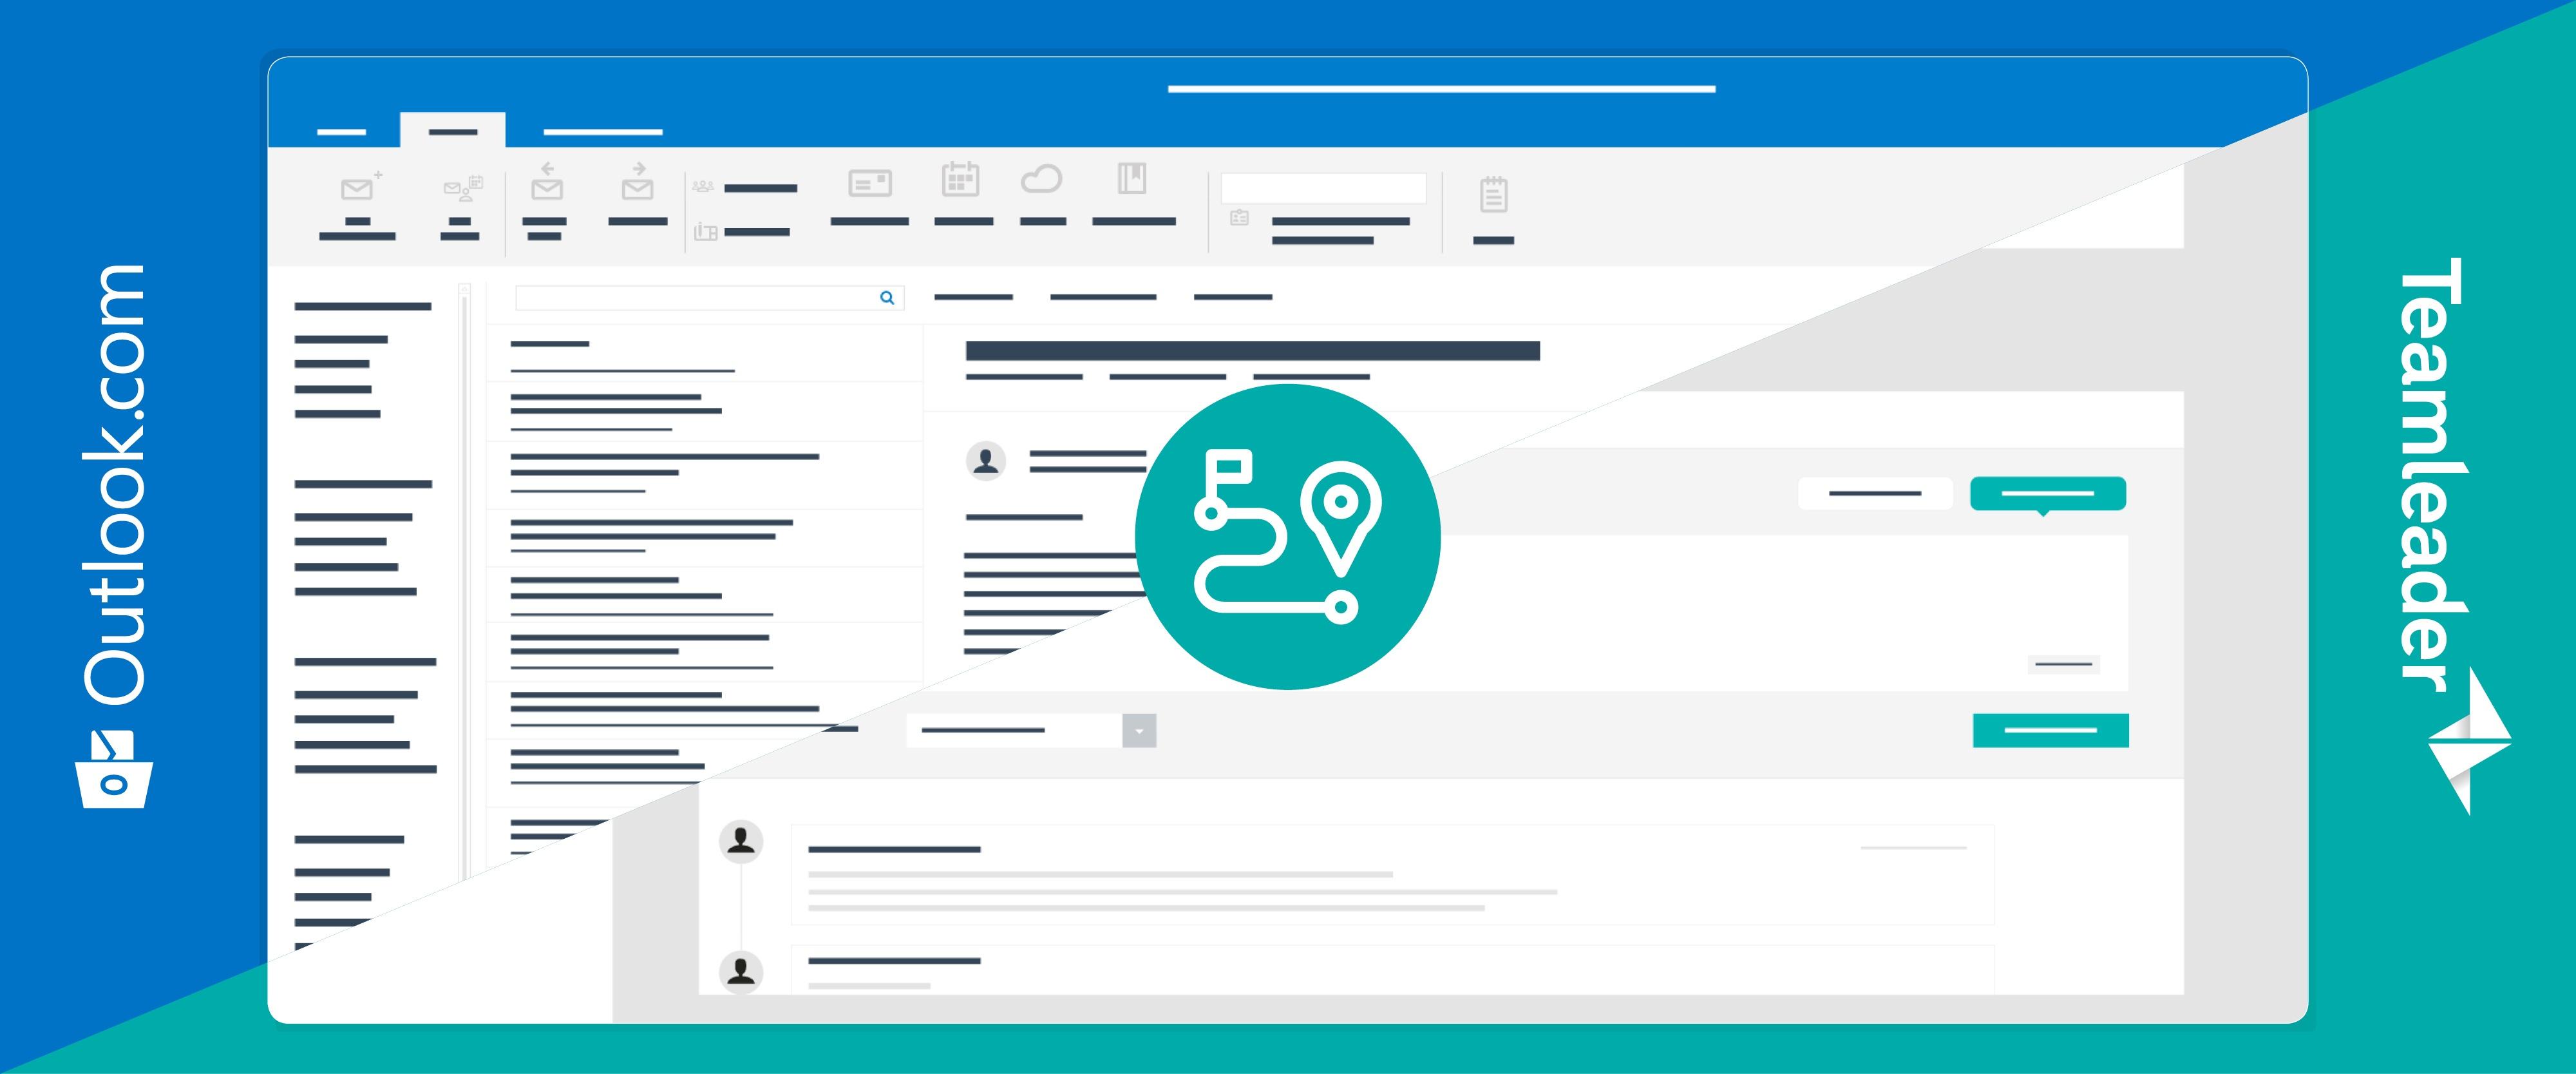 Image_outlook_teamleader3.jpg